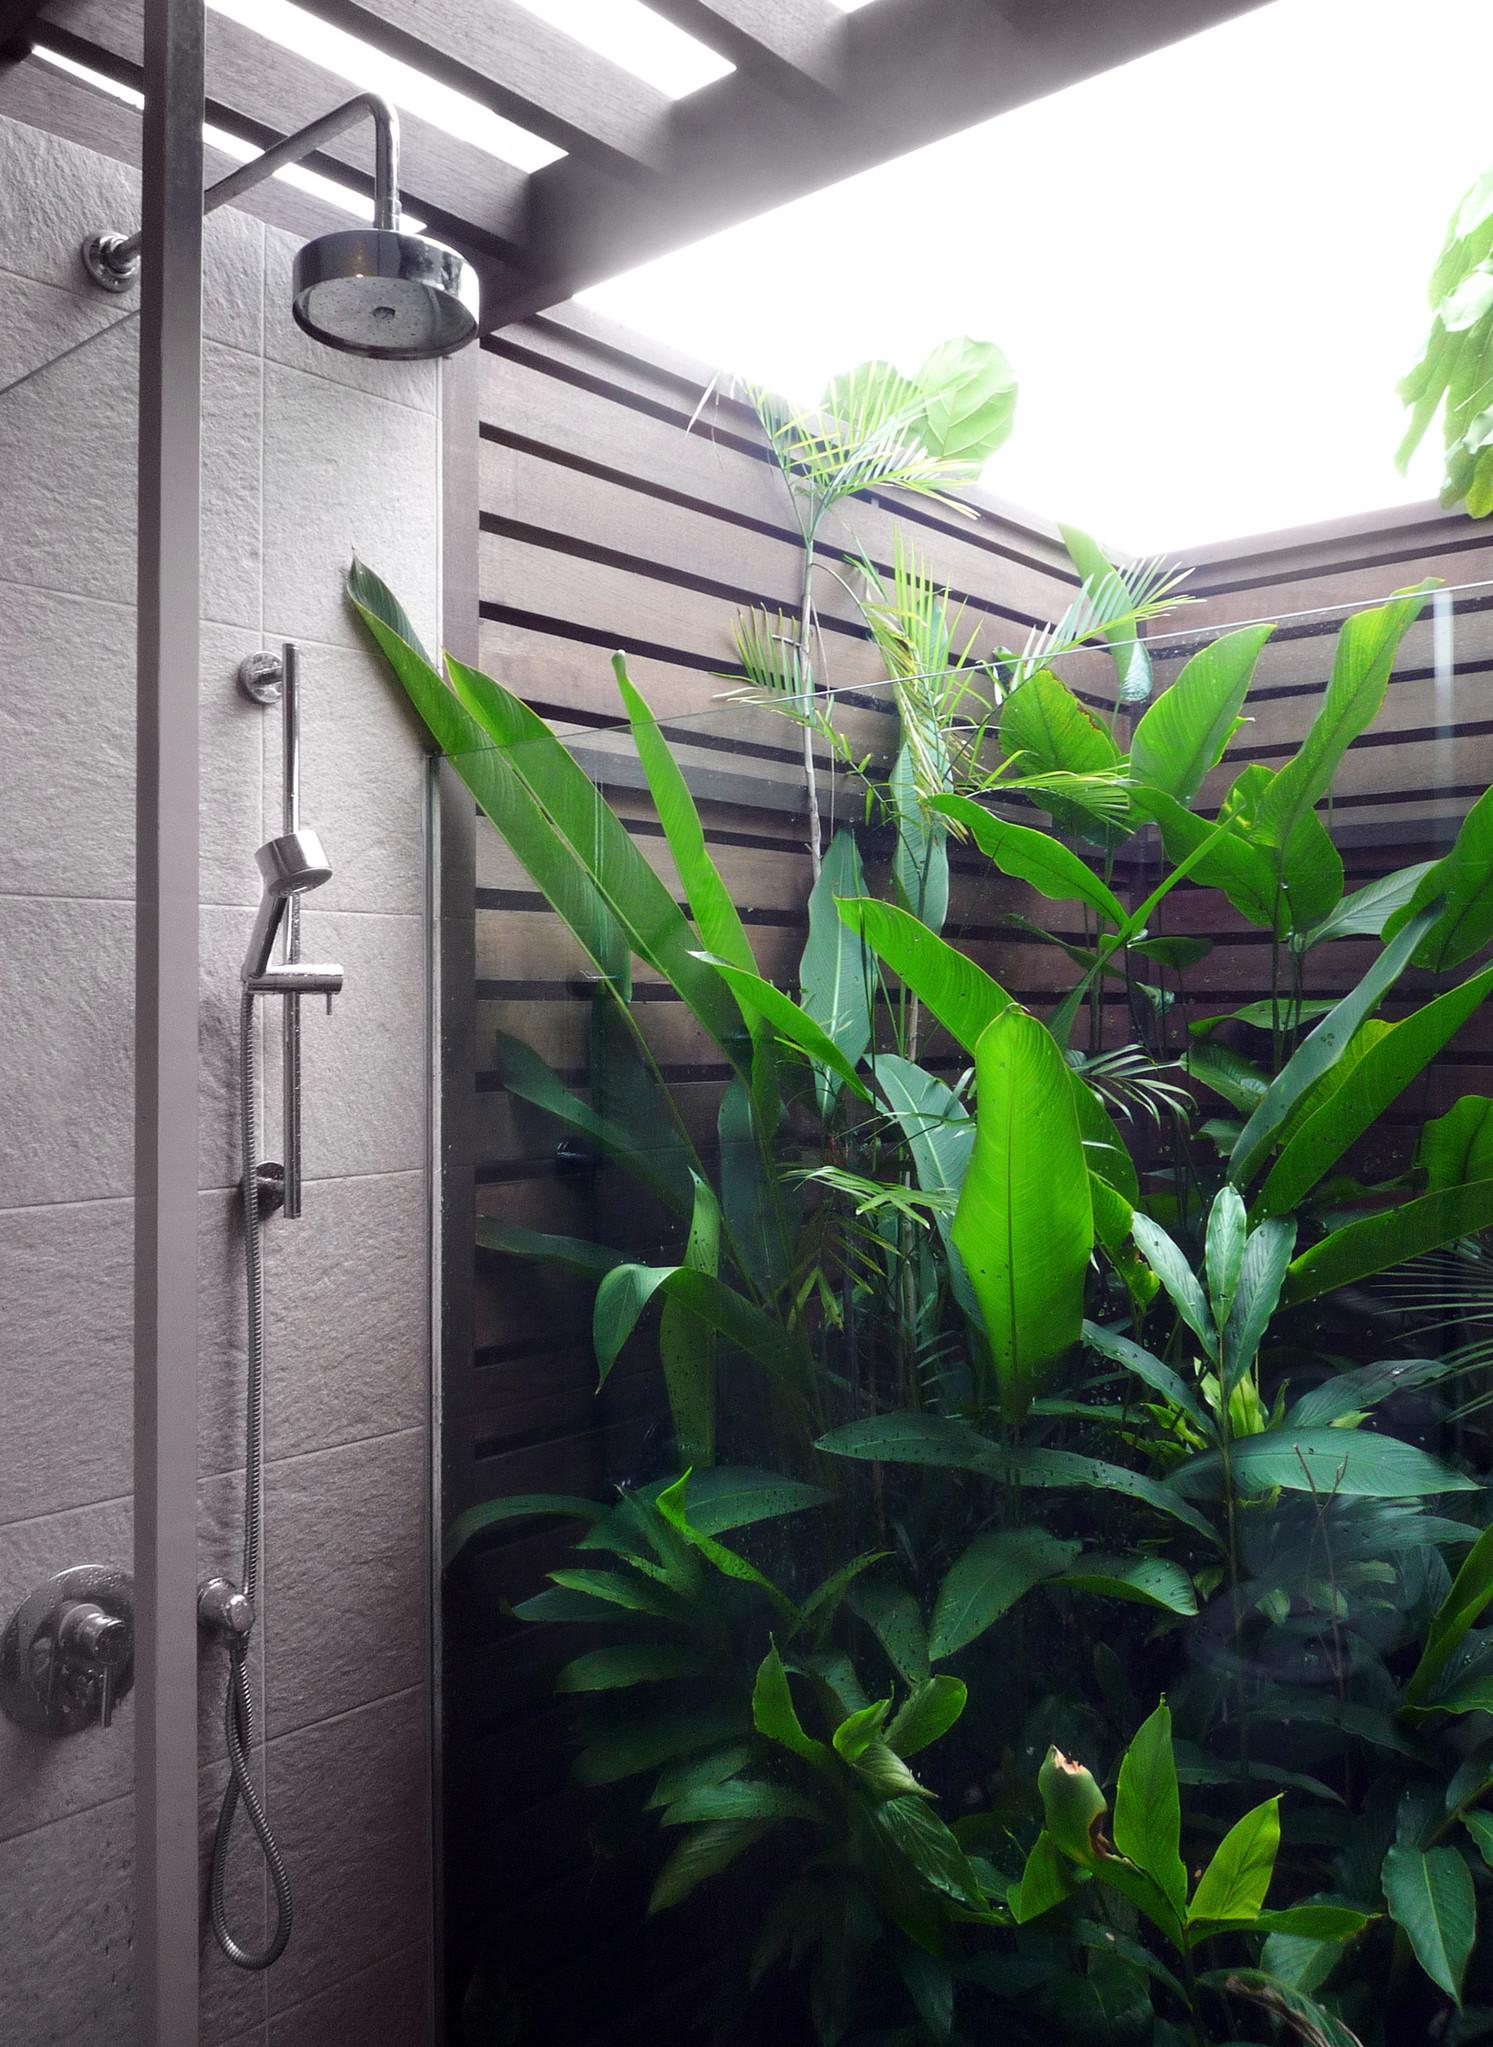 Luchten bij de douche